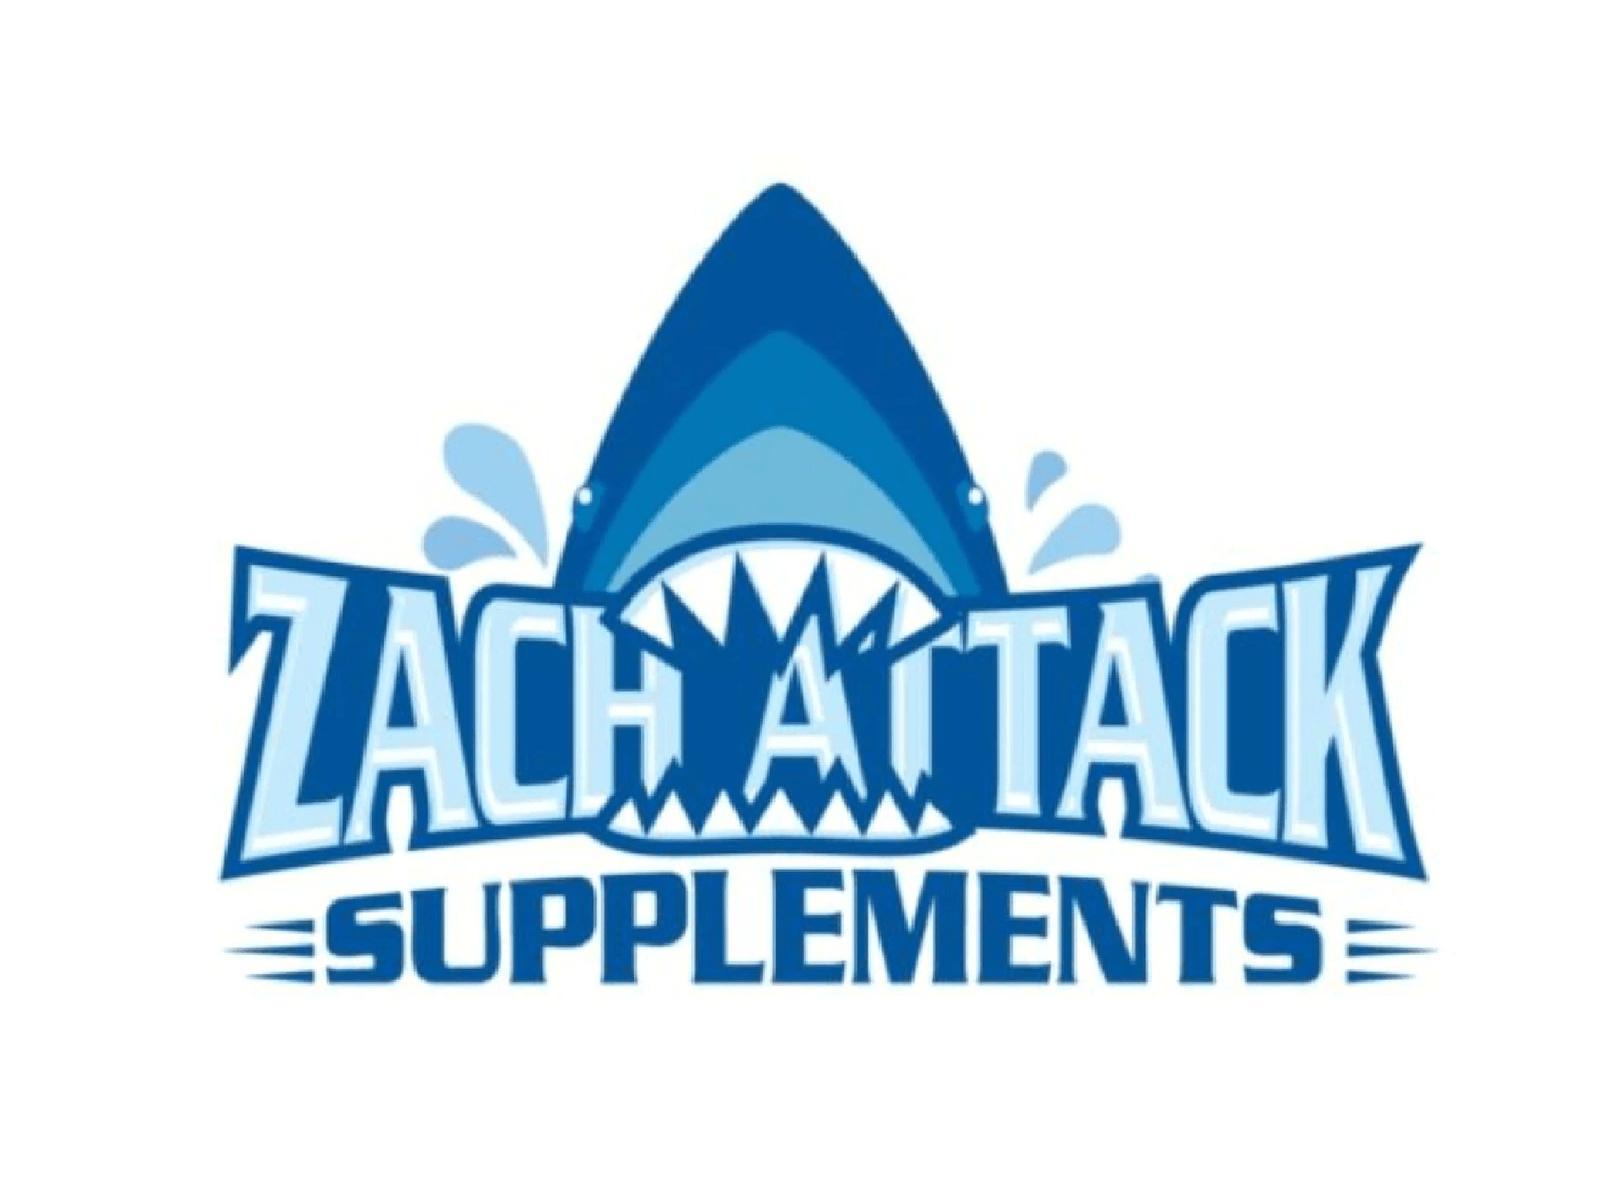 Zach Attack Supplements